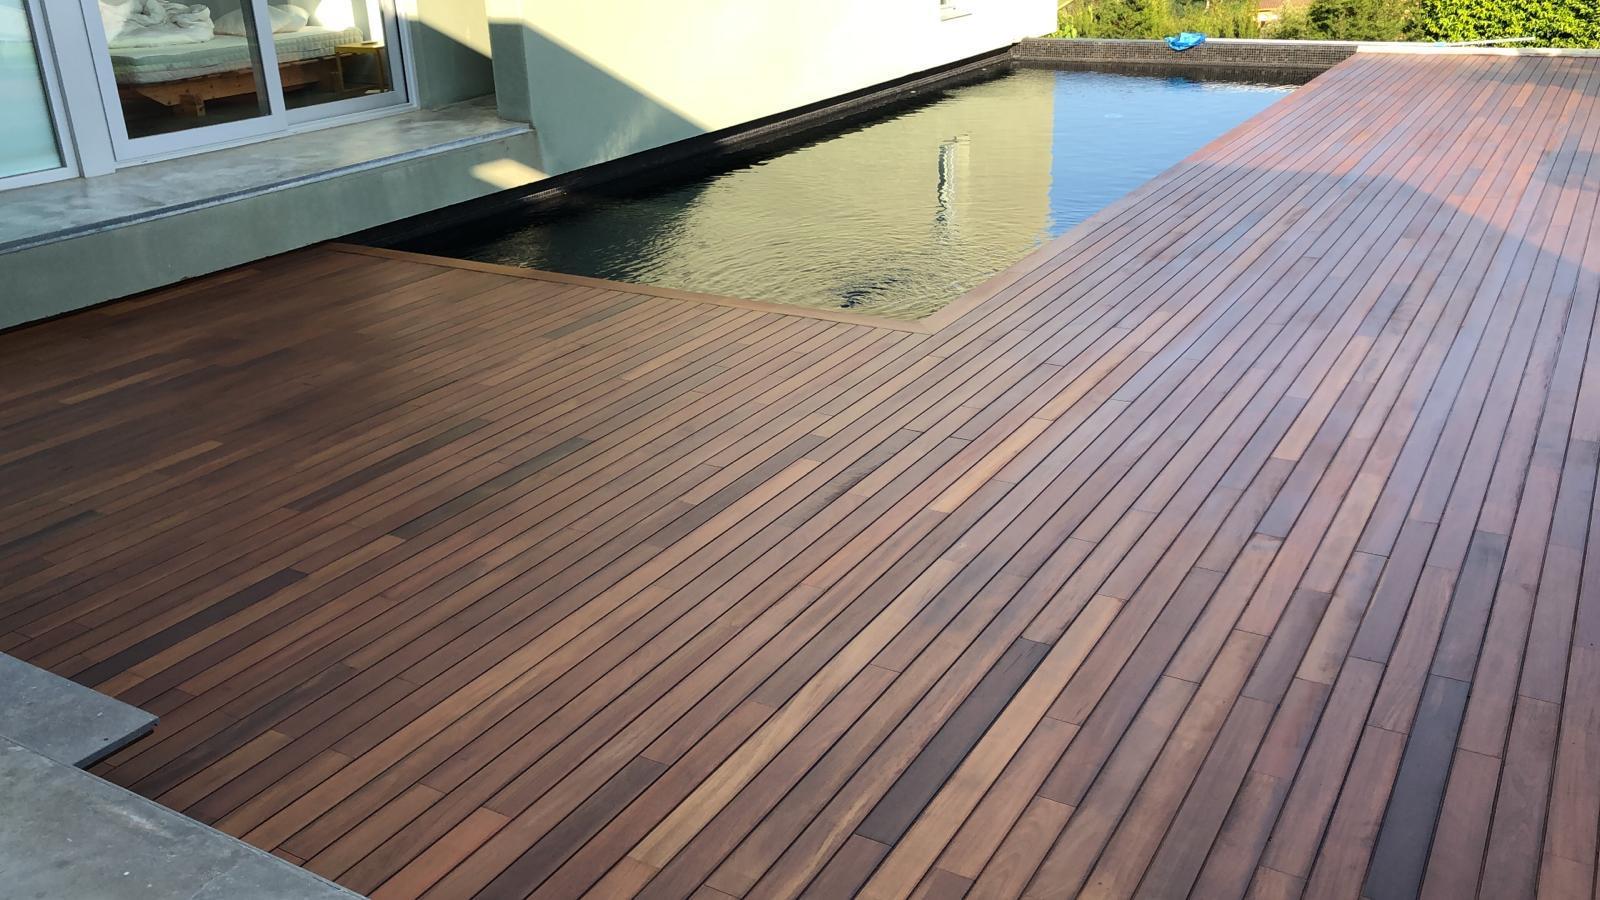 tarima_madera_exterior_terraza1